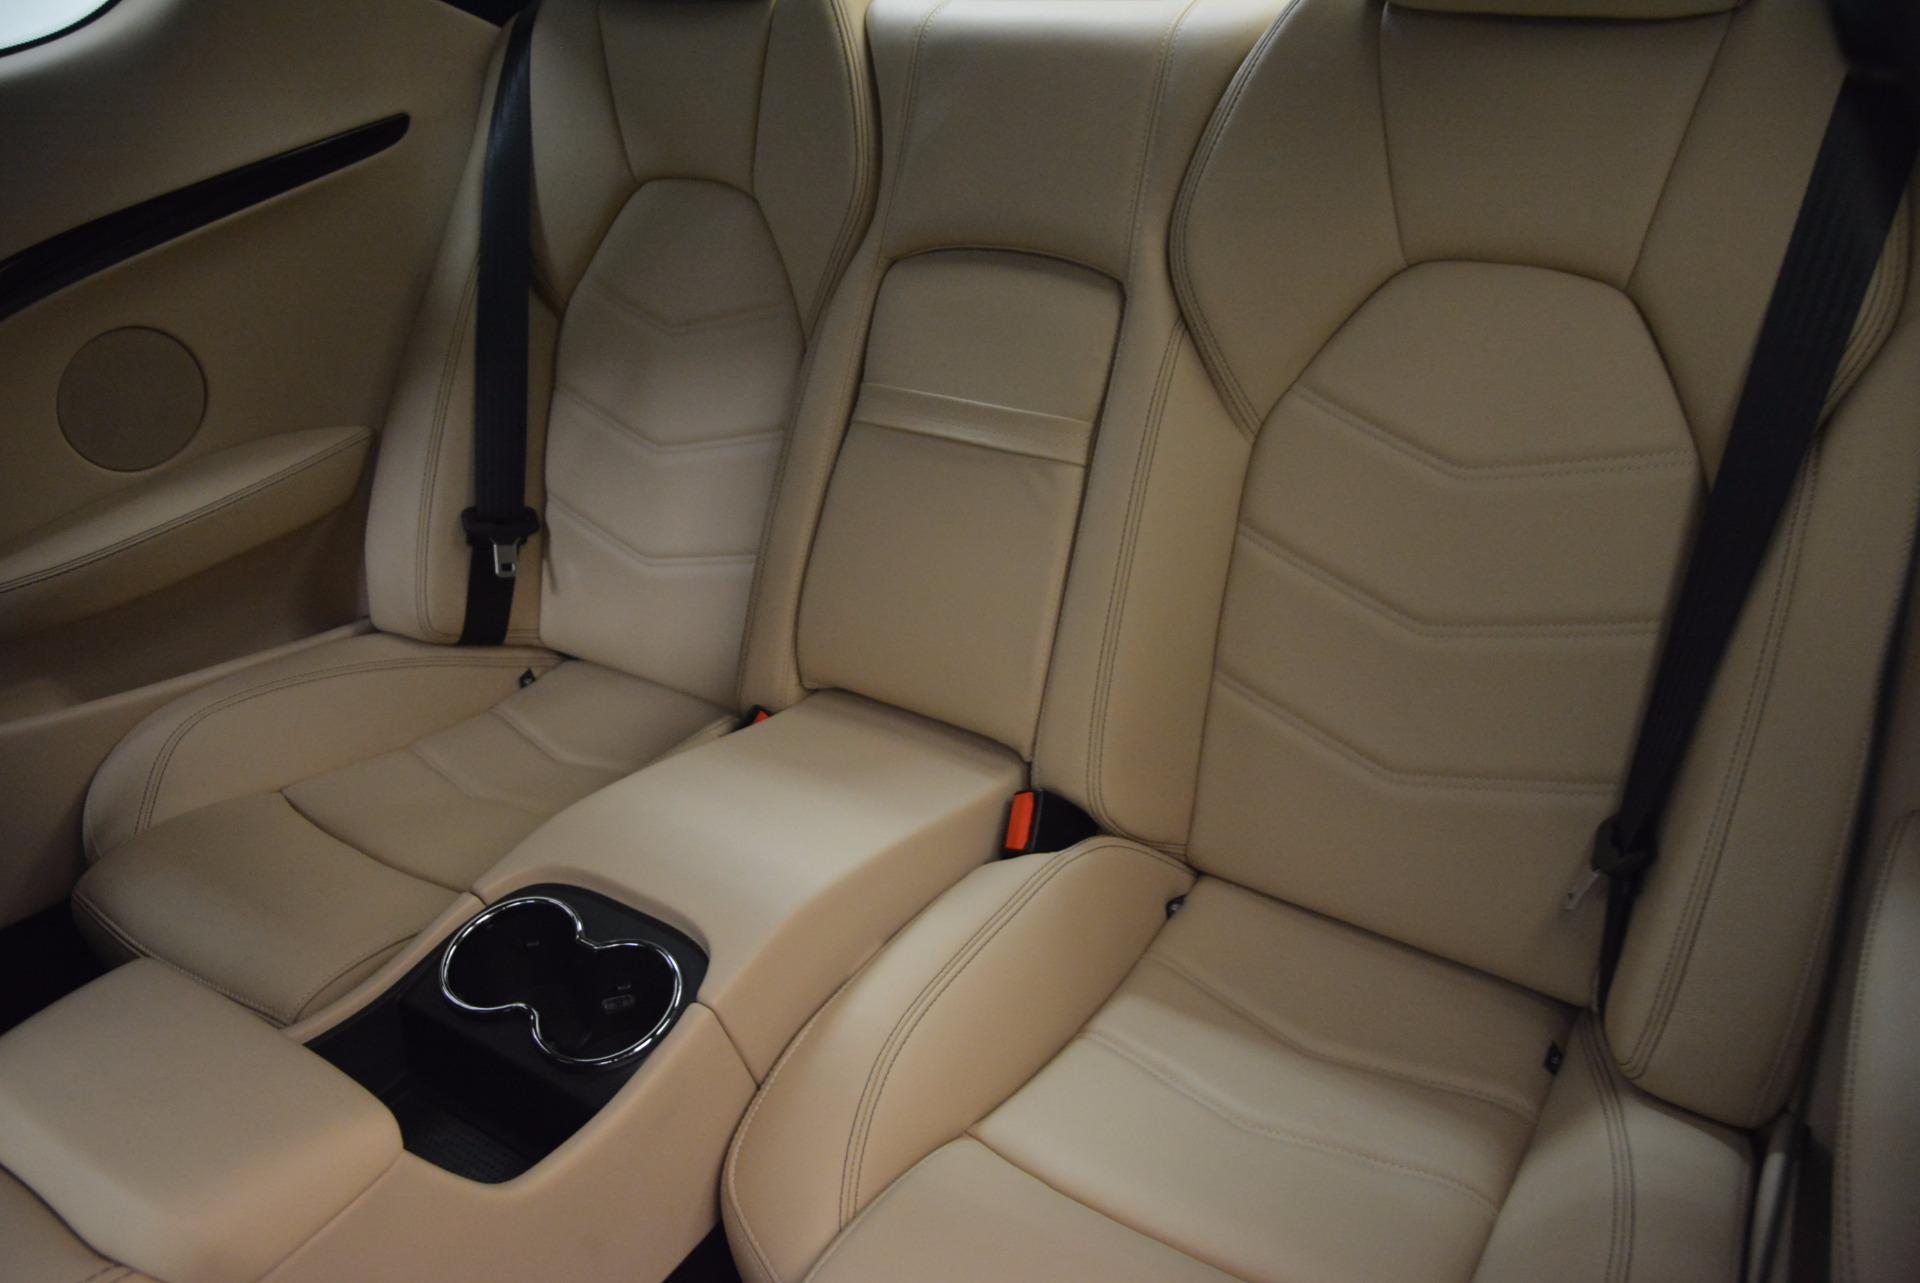 Used 2015 Maserati GranTurismo Sport Coupe For Sale In Greenwich, CT 1557_p16